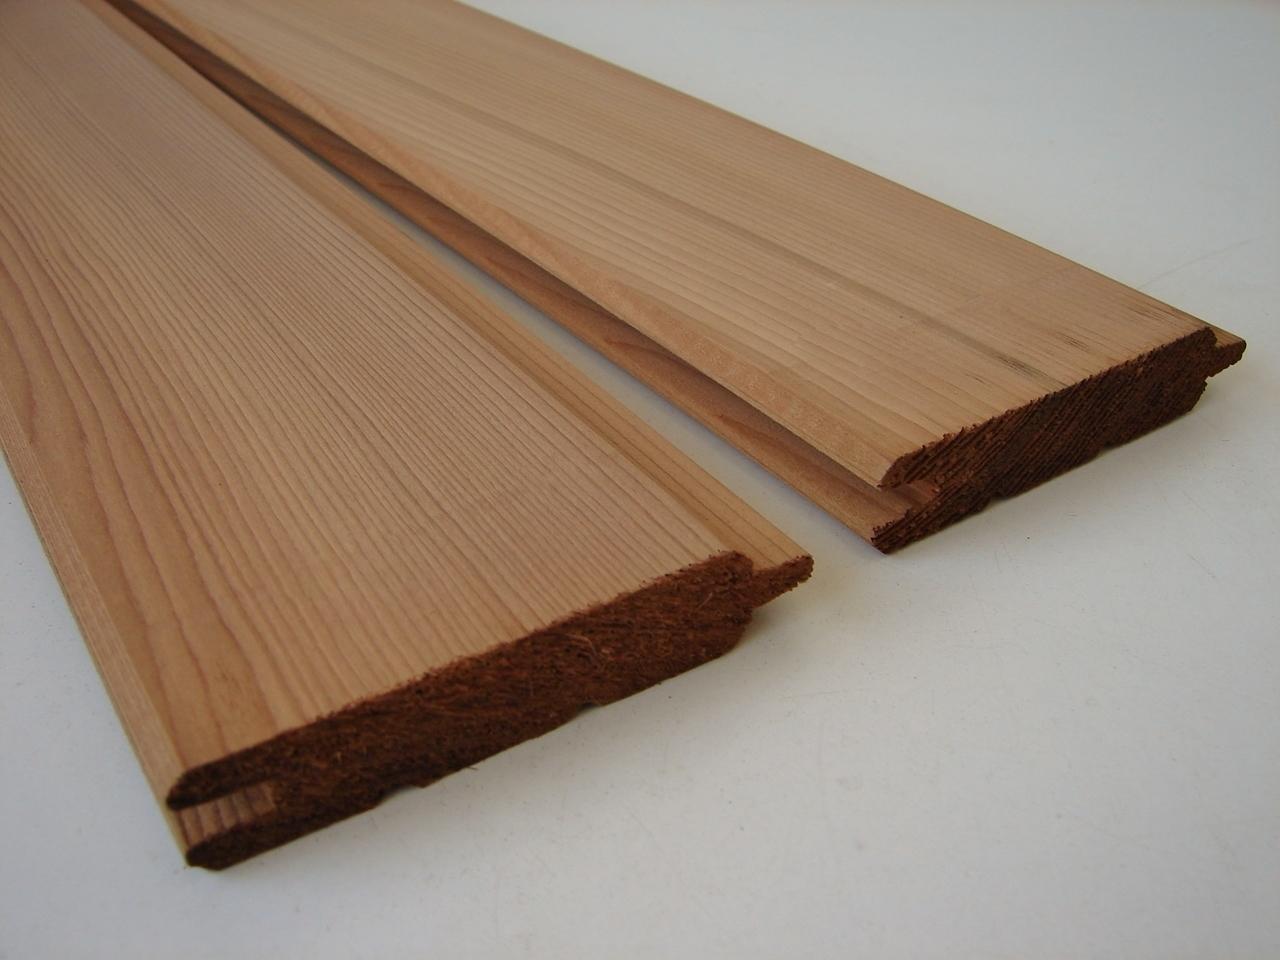 10 western red cedar abschnitte 600 x 18mm - holz-&stahlhandel h